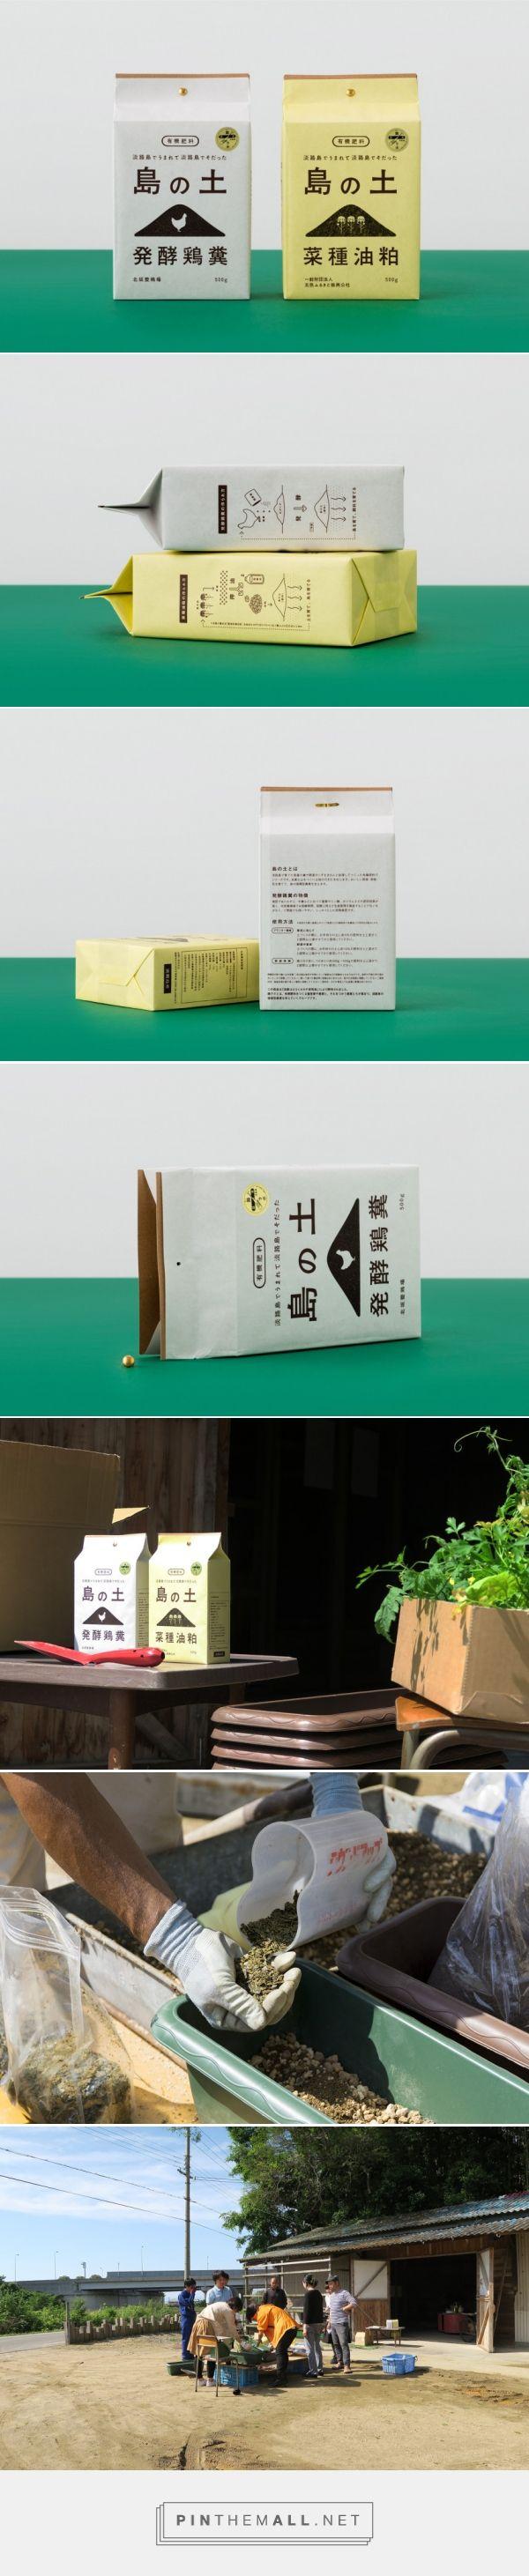 島の土 / Organic fertilizer of Awaji Island via UMA / design farm curated by Packaging Diva PD